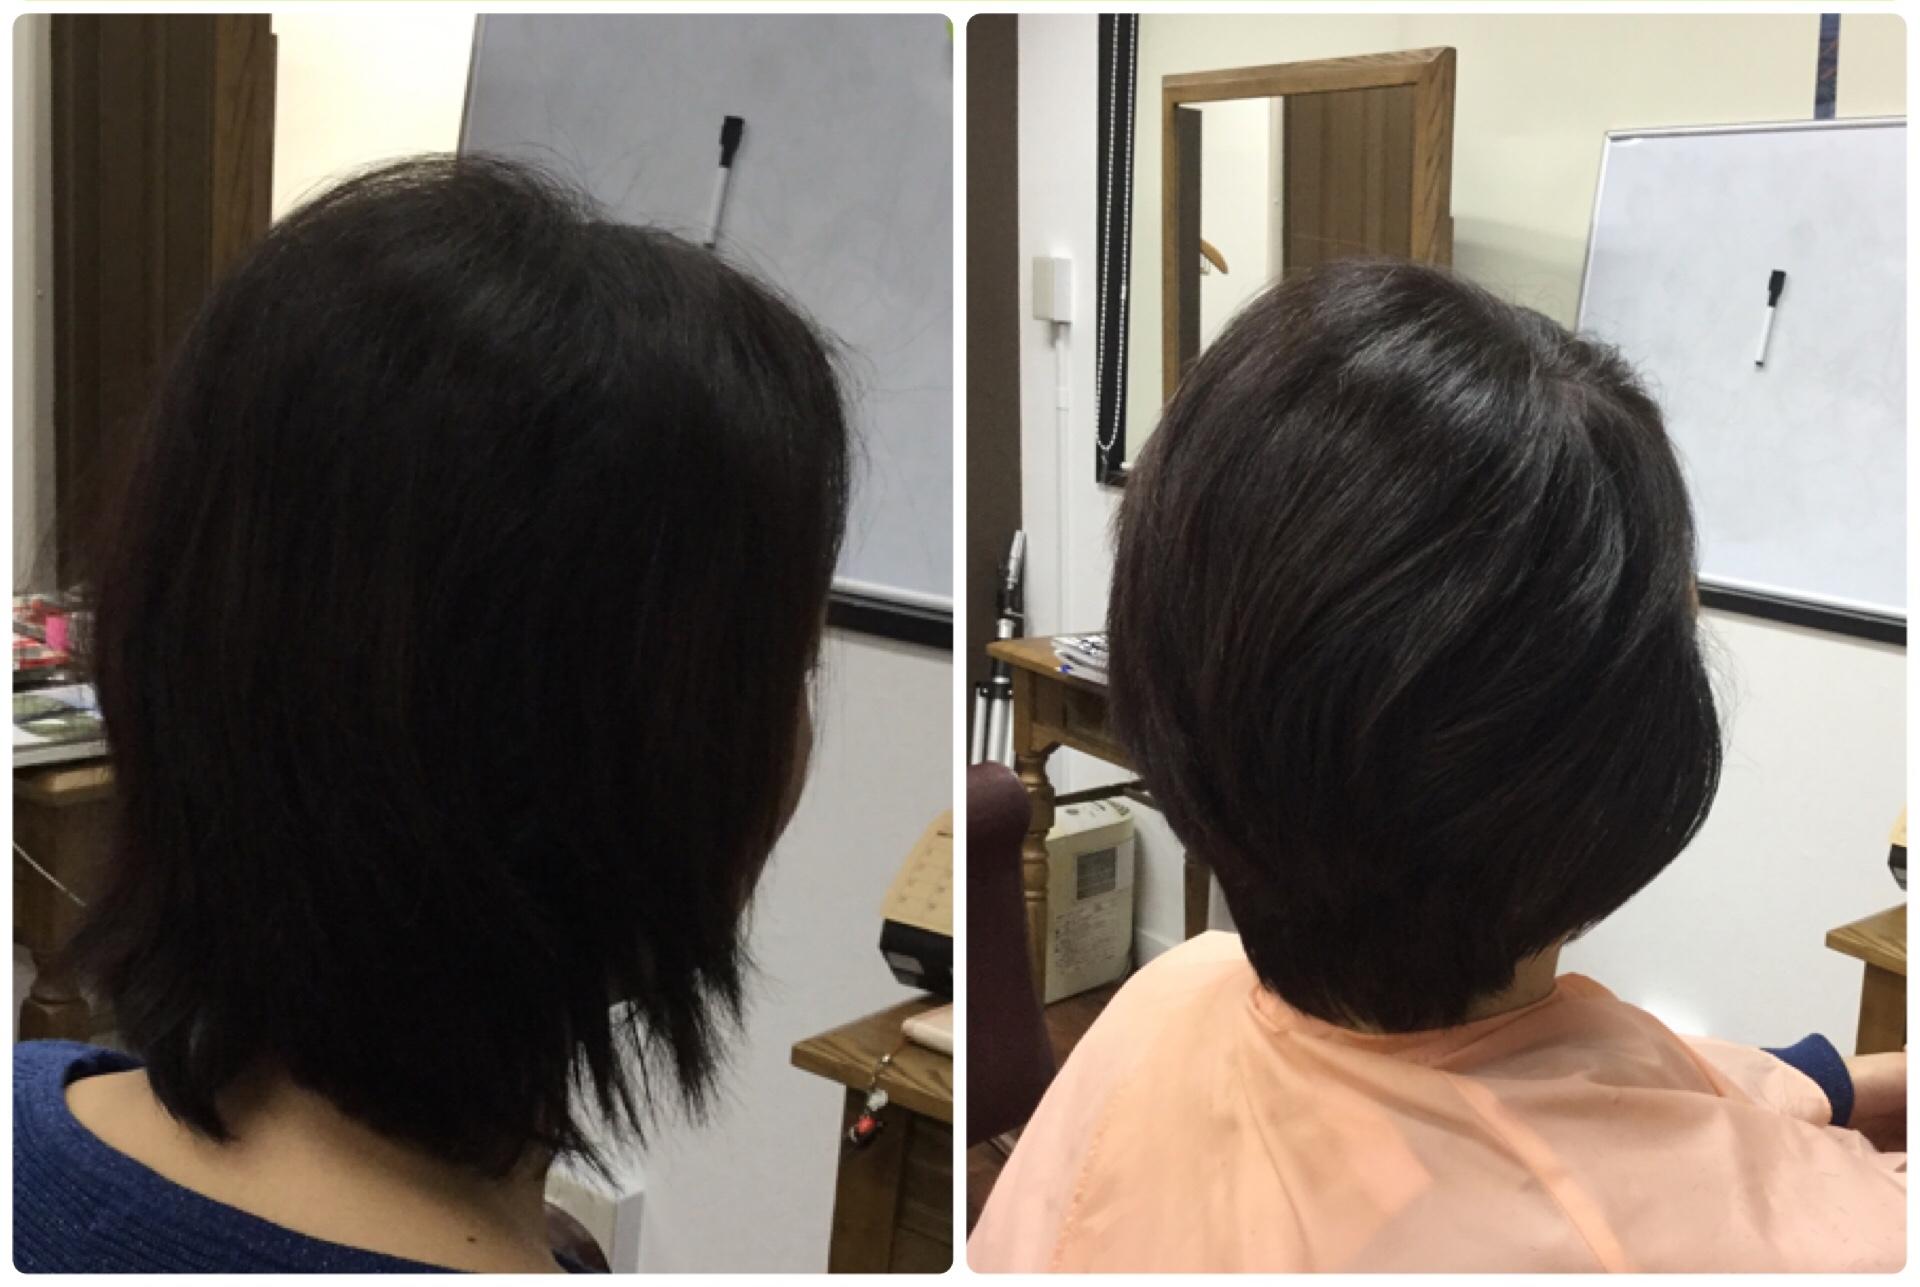 神戸市西区脱縮毛矯正・やめたいならキュビズムカット認定神戸くせ毛専門美容室アバディ